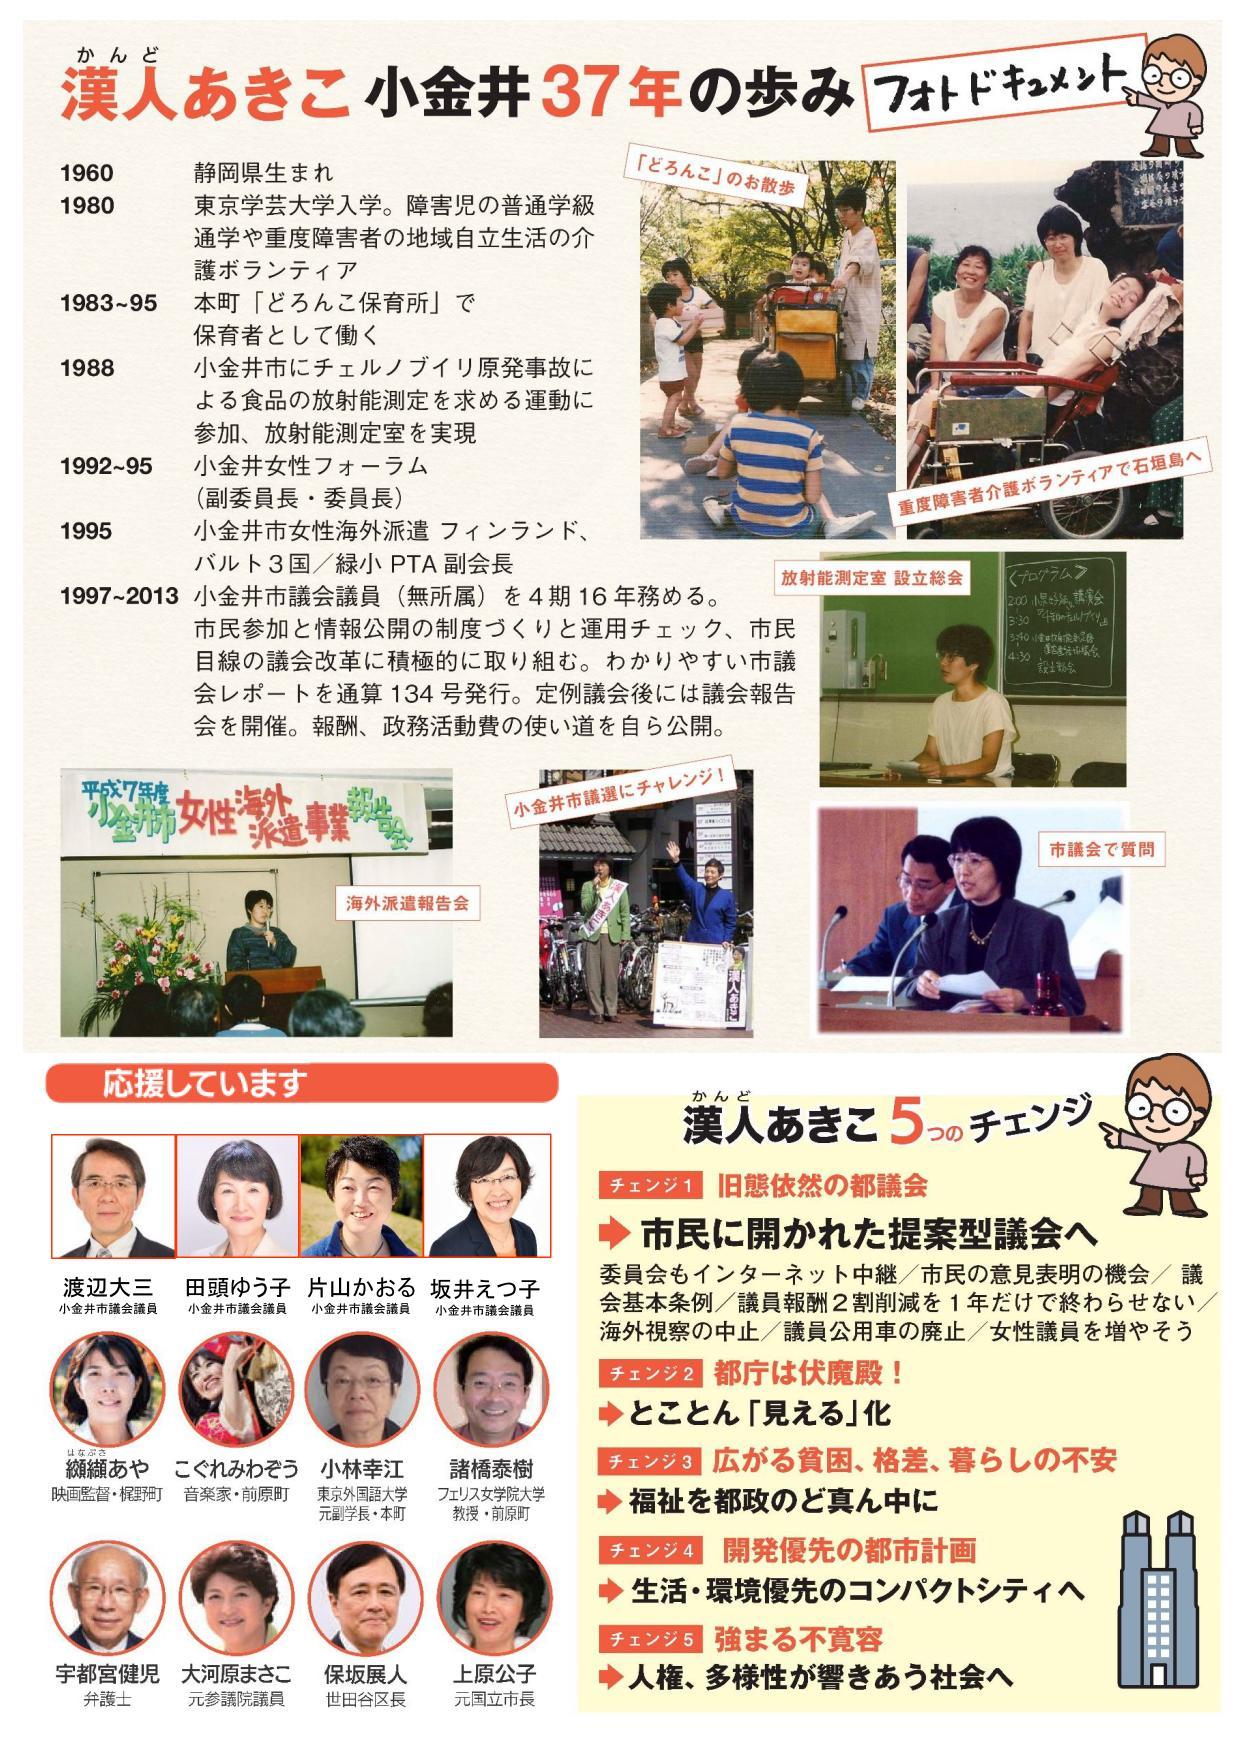 チェンジ東京!小金井の会ニュース 6号-裏